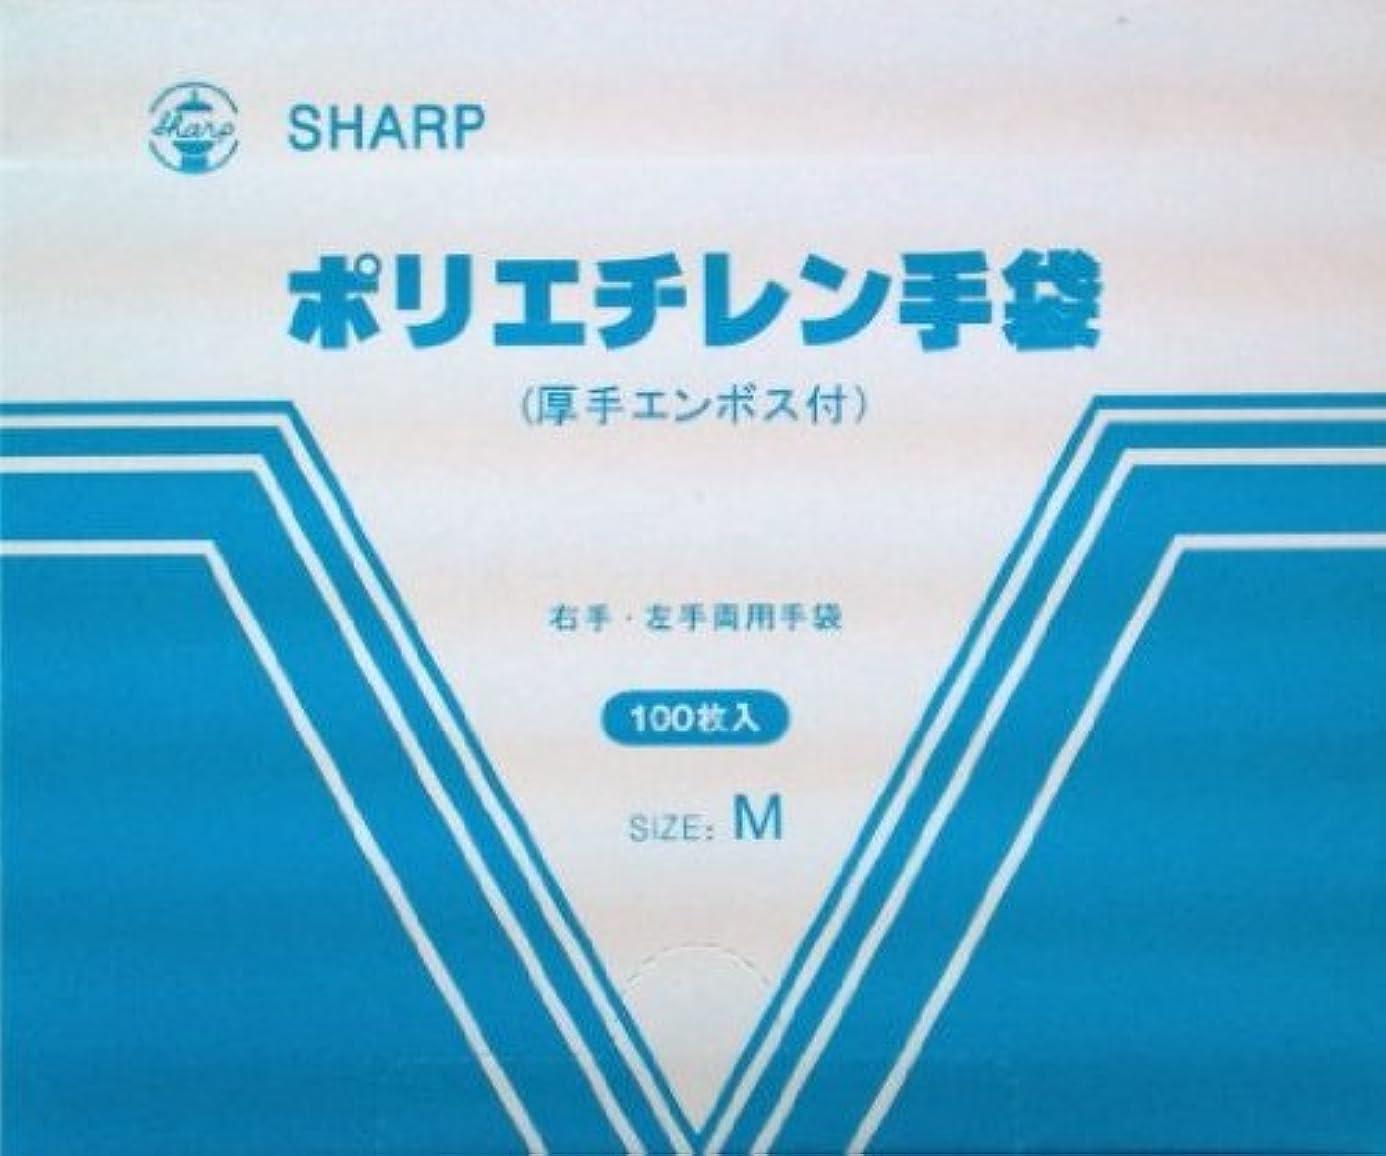 無視できるピボットバー新鋭工業 SHARP ポリエチレン手袋 左右兼用100枚入り Mサイズ 100枚入り